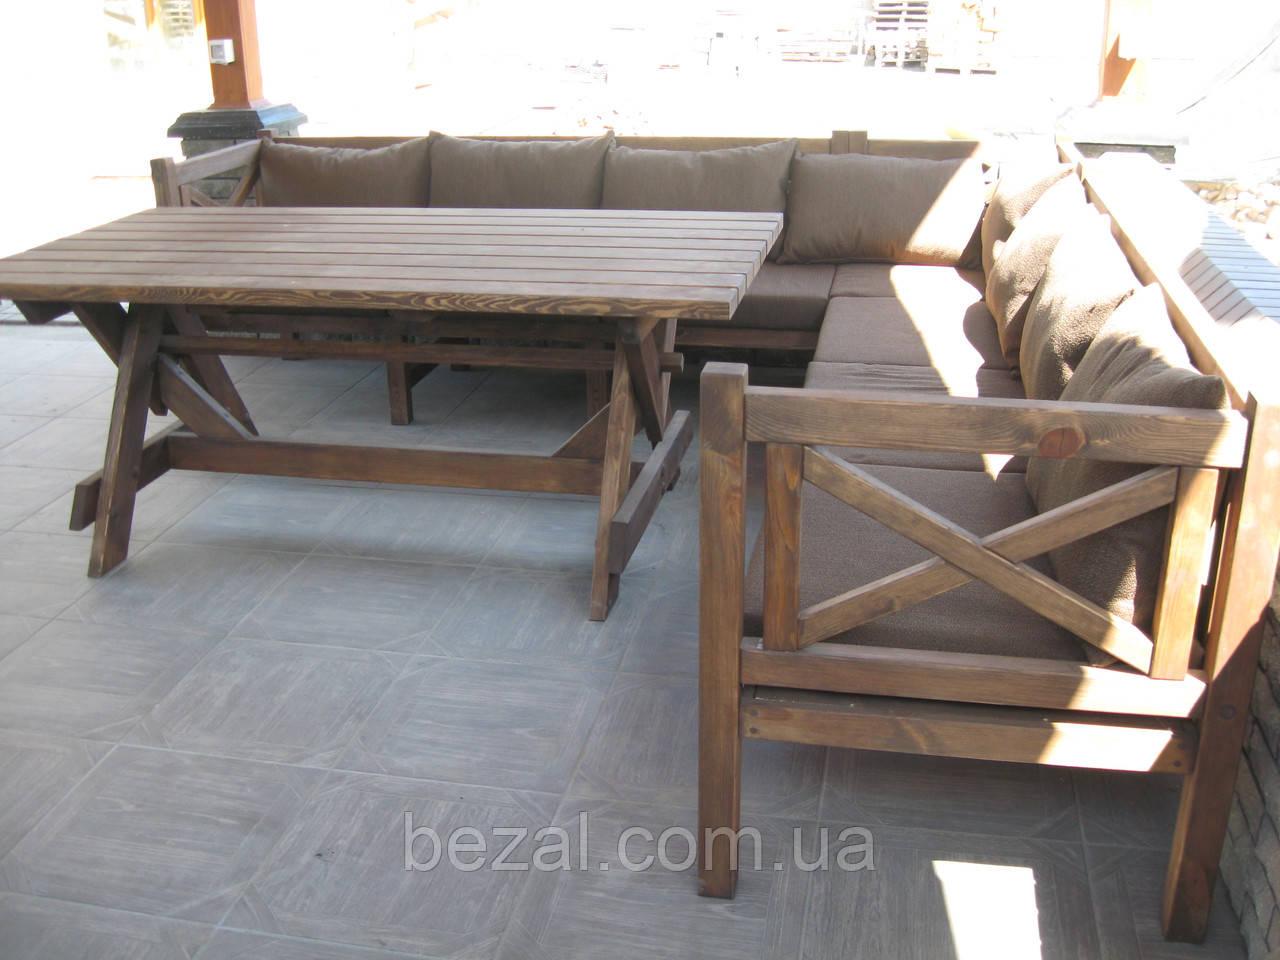 Стол Эмине 2,2м, деревянная мебель для дачи Эмине